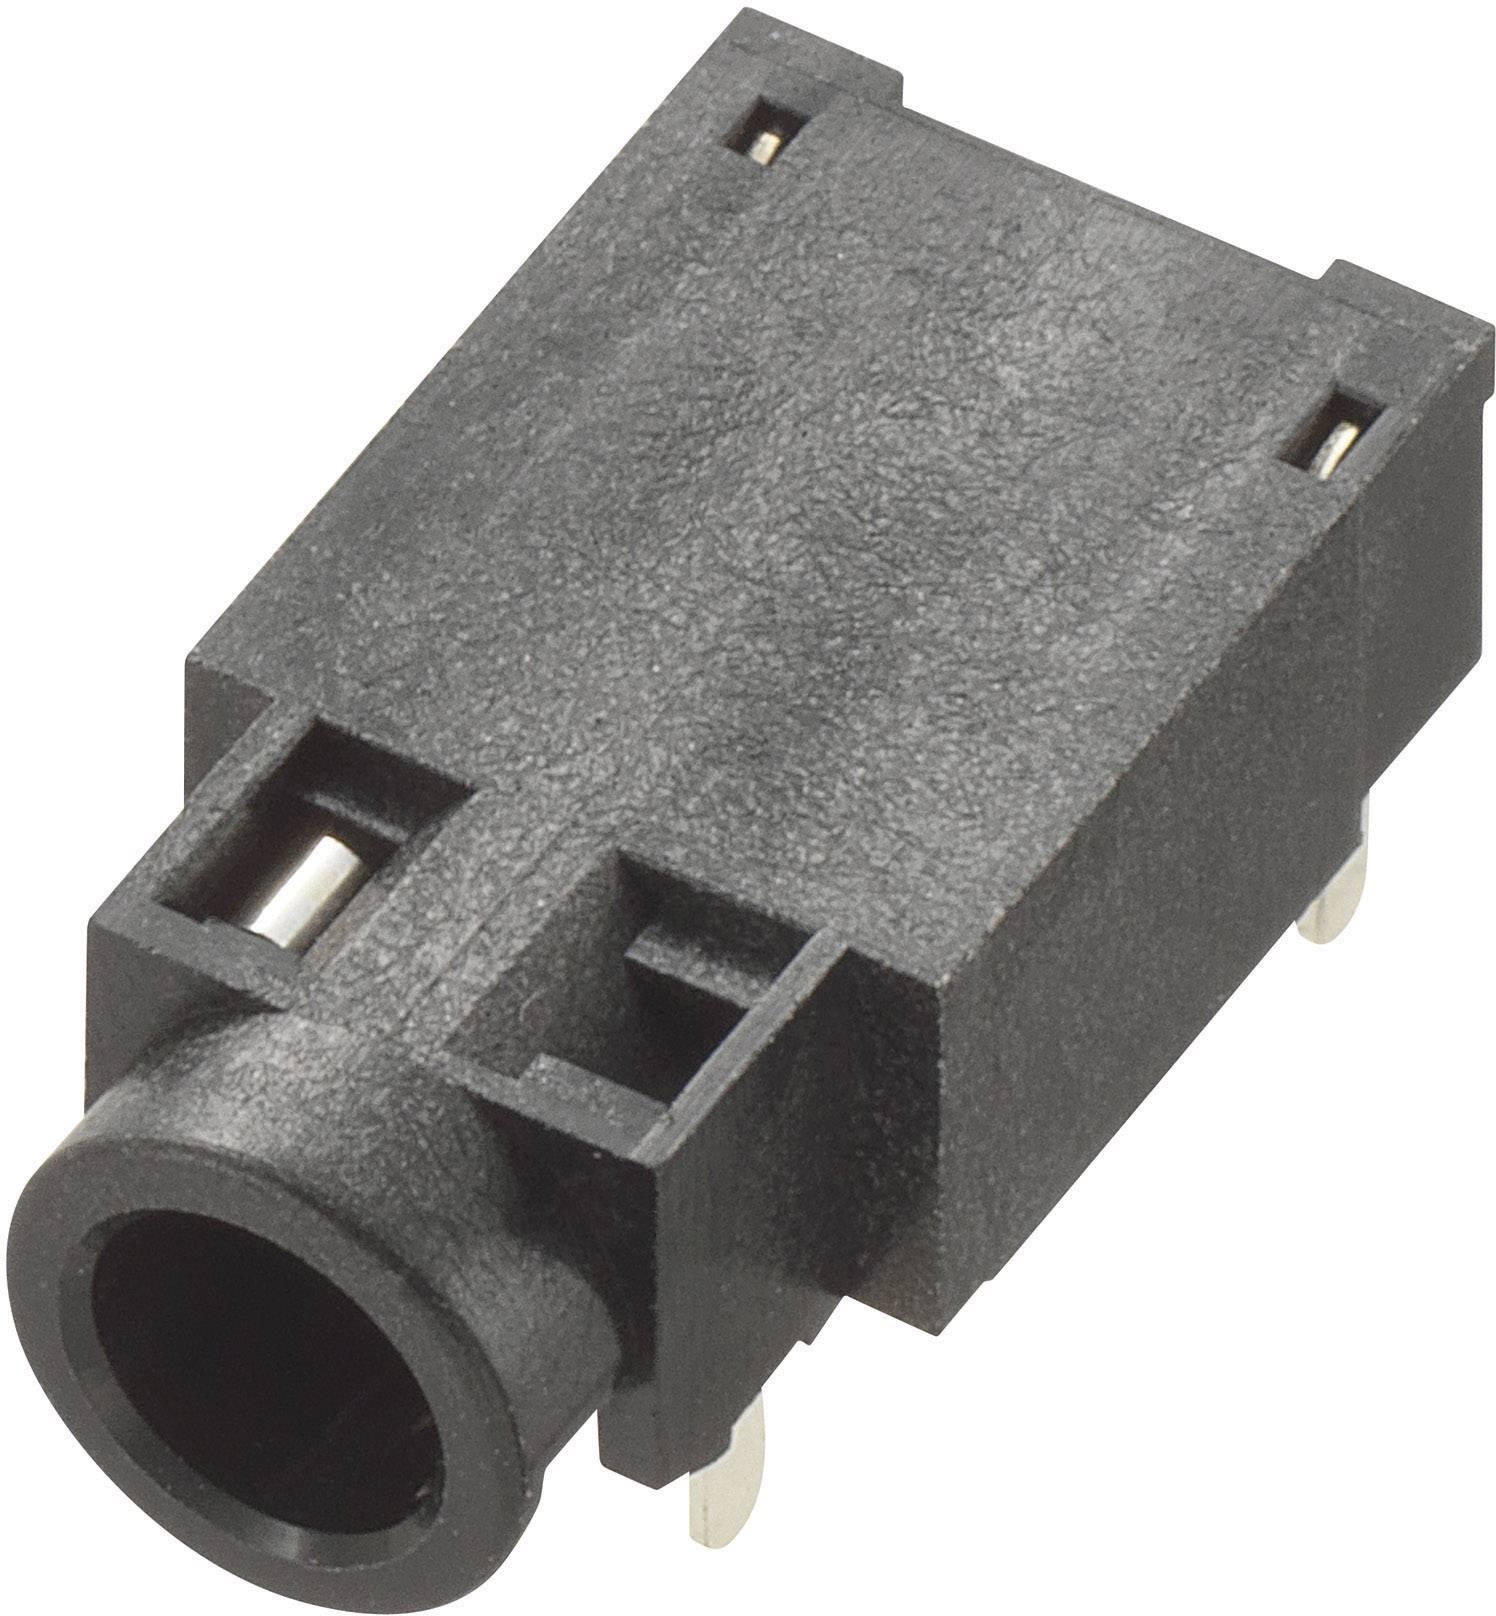 Jack konektor 3,5 mm stereo, zásuvka vestavná horizontální, 4pól., černá